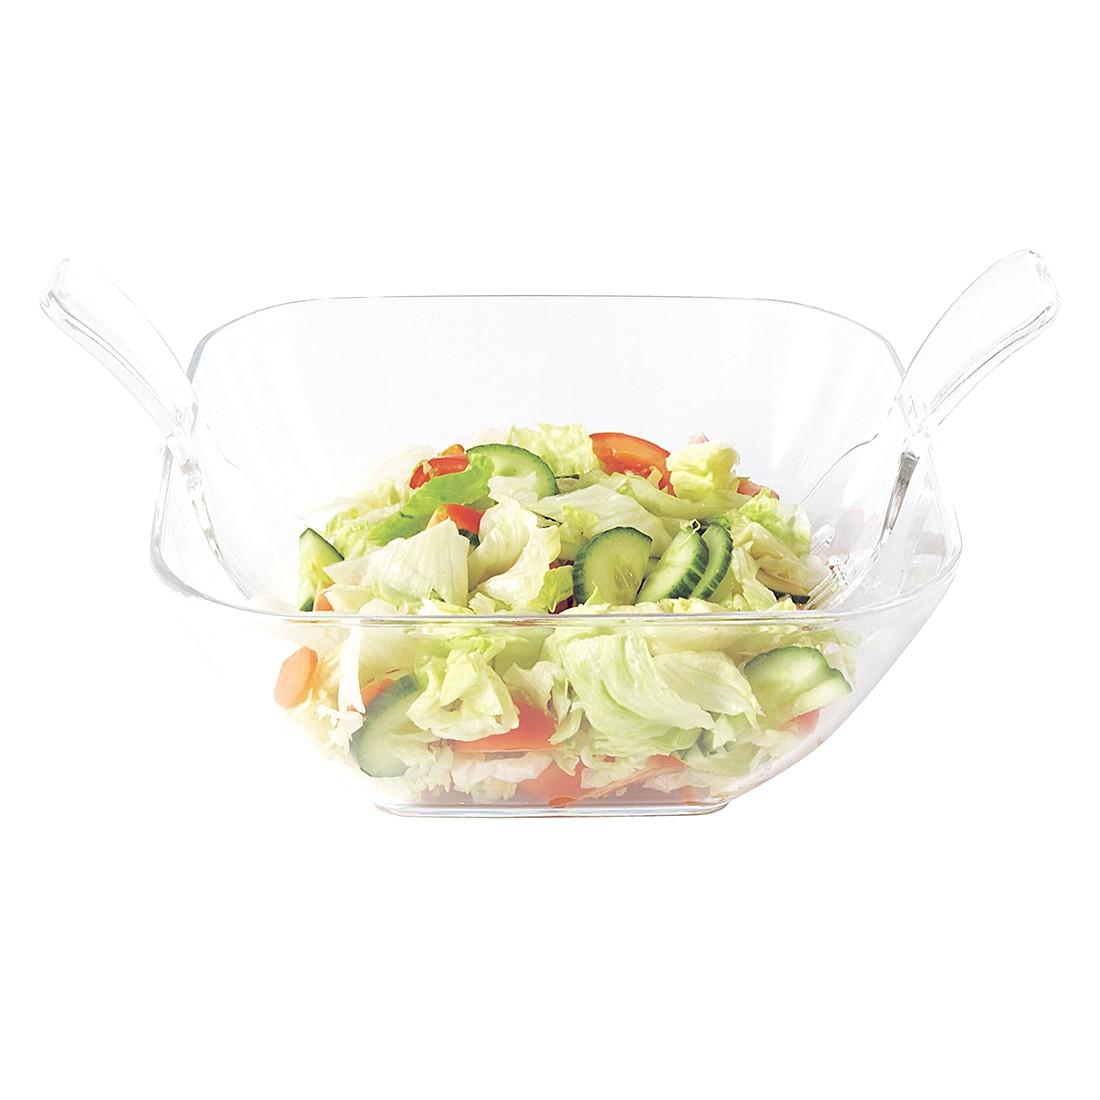 Salatschüssel (mit Besteck) – Melamin transparent, Present Time kaufen